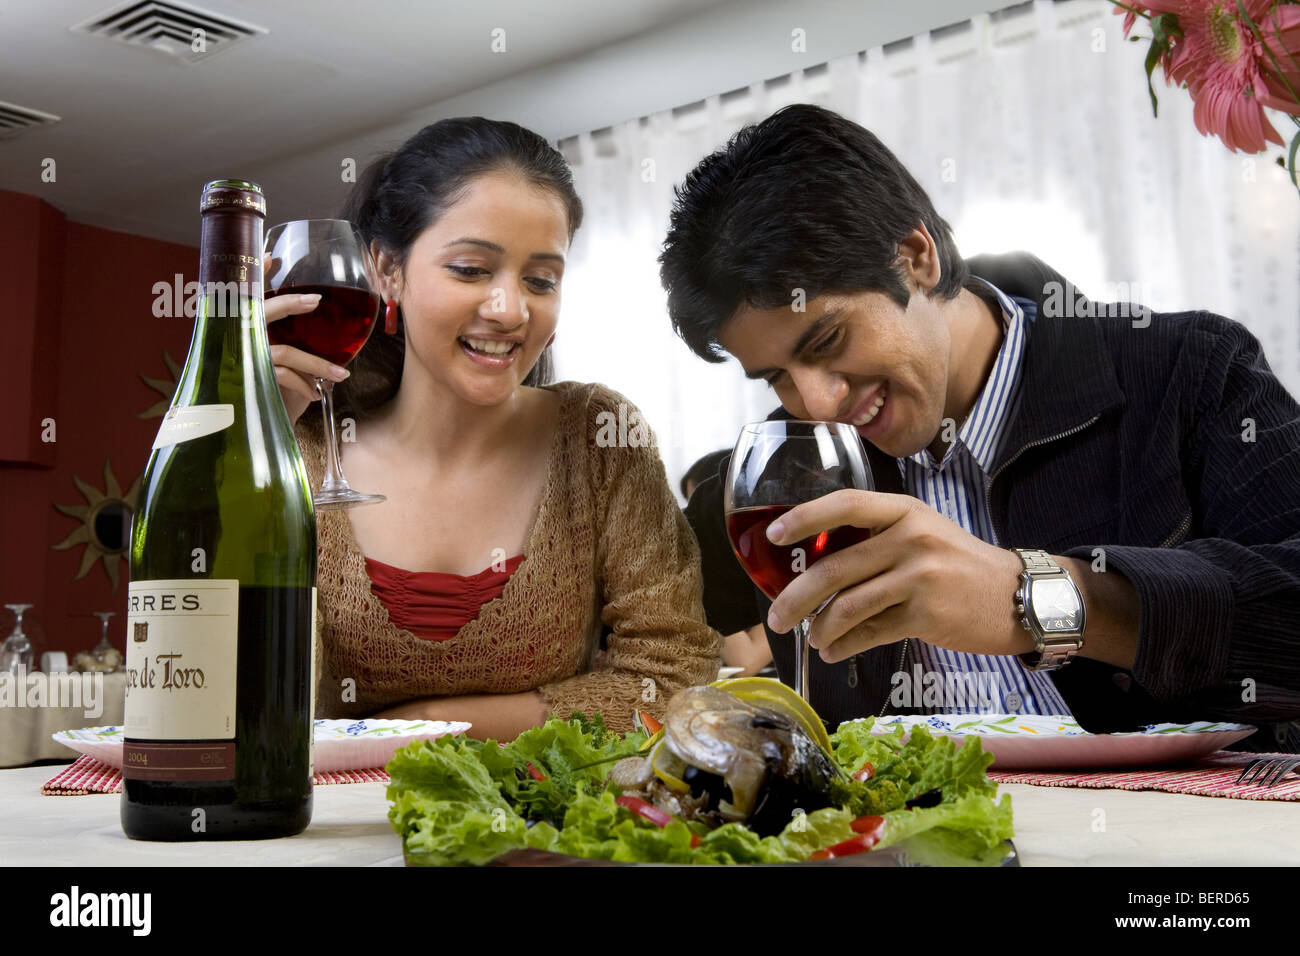 Paar genießt eine Mahlzeit Stockfoto